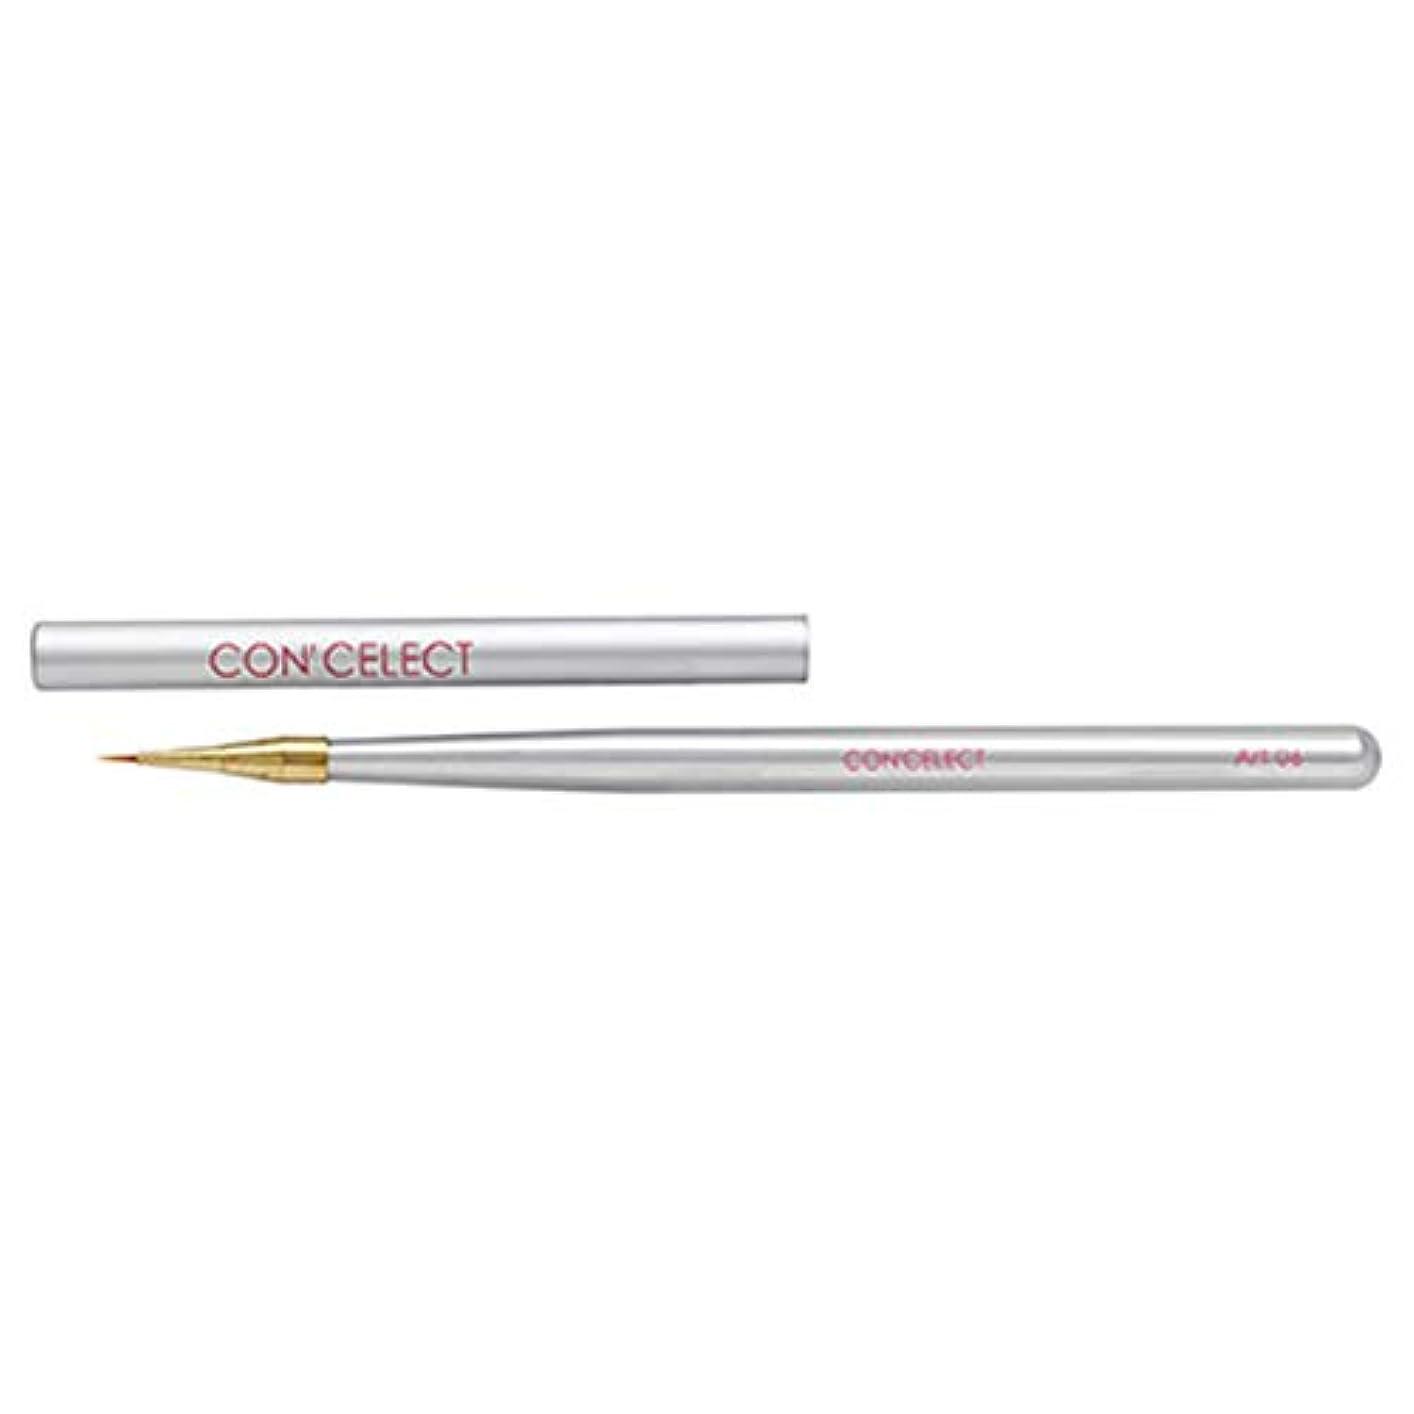 半球トランスミッション妖精CON'CELECT コンセレクト ネイルブラシ アート 06 (キャップ付)